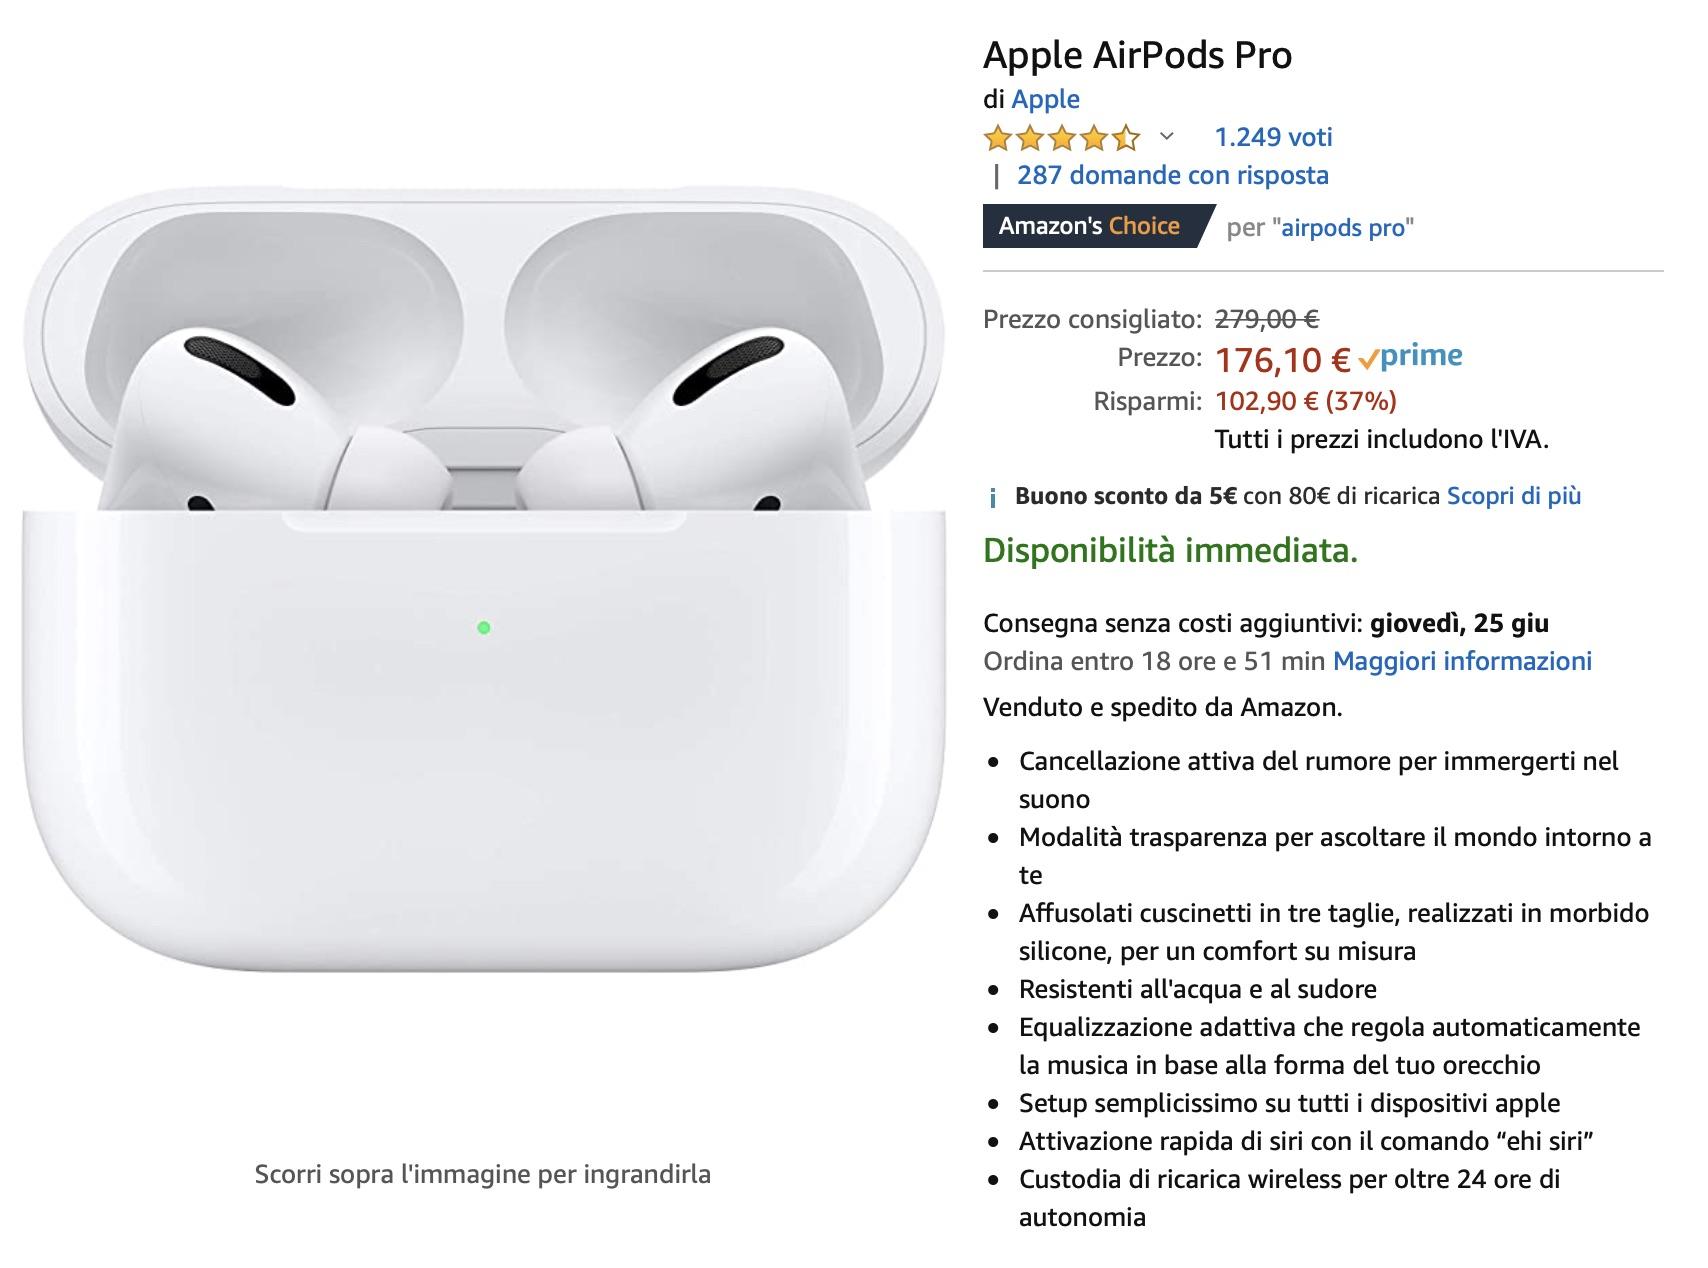 Rubate gli Airpods Pro ad Amazon: solo 176,10 €